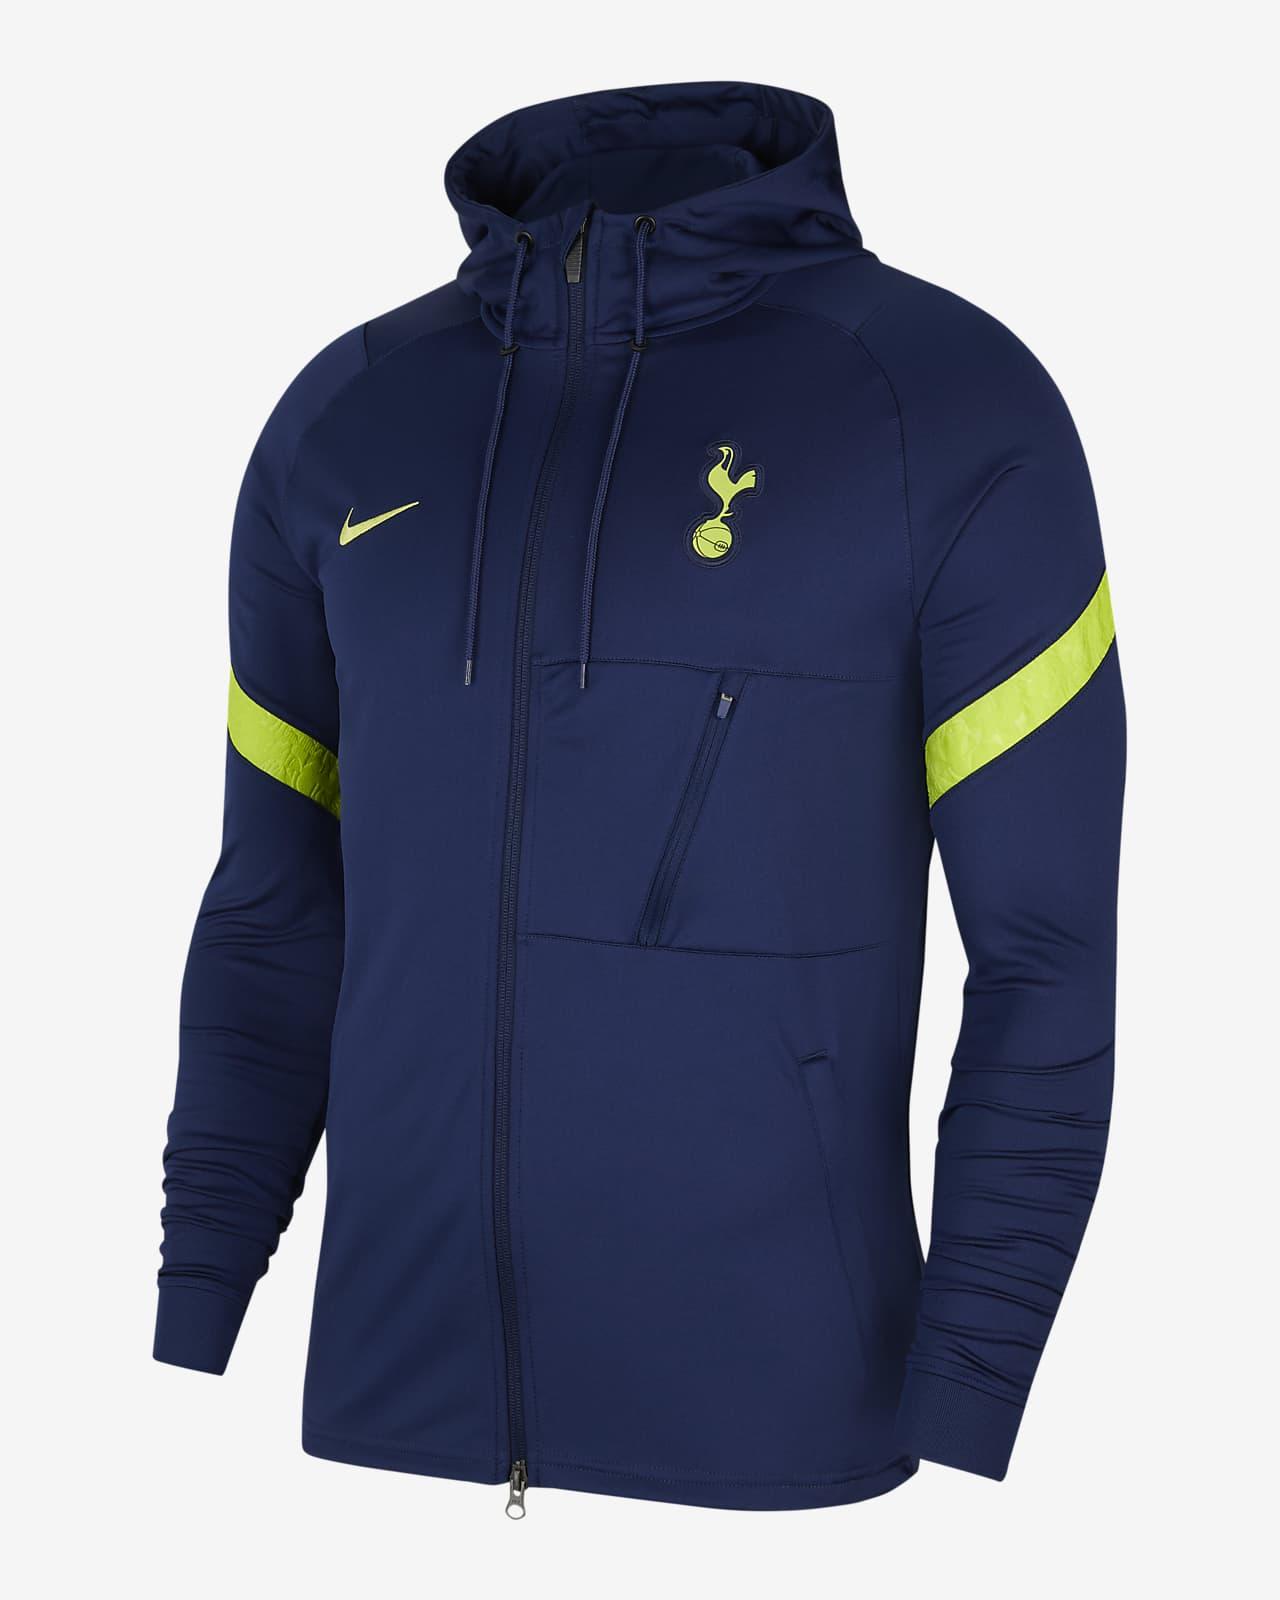 Tottenham Hotspur Strike Men's Nike Dri-FIT Knit Football Tracksuit Jacket